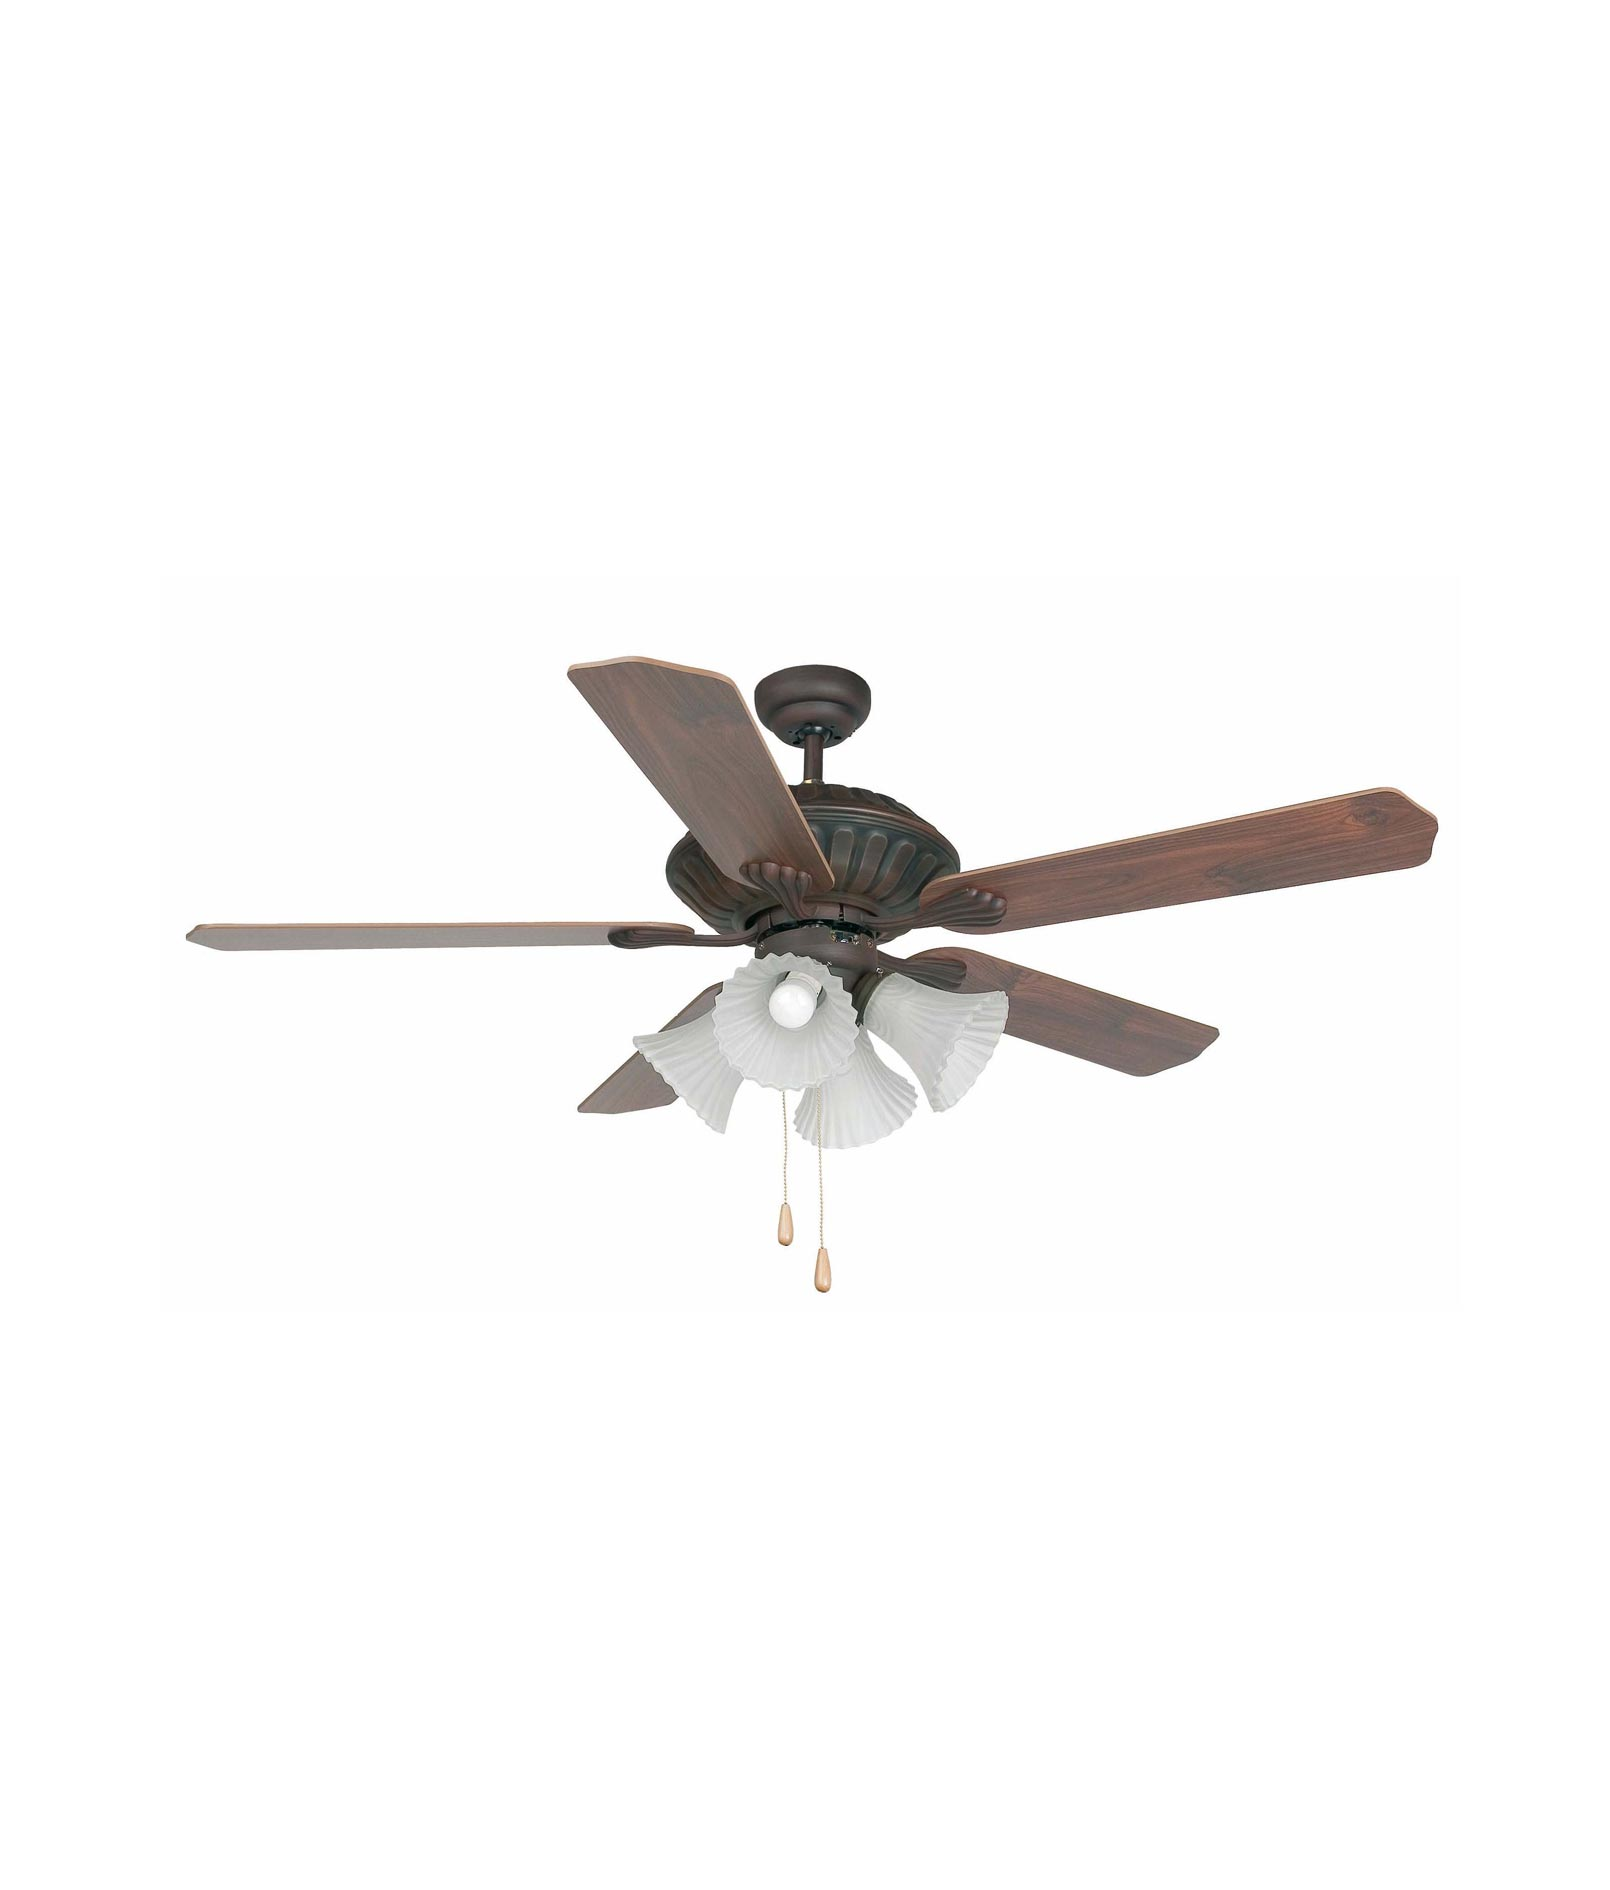 Ventilador de techo marr n corso la casa de la l mpara - Lamparas de techo con ventilador ...